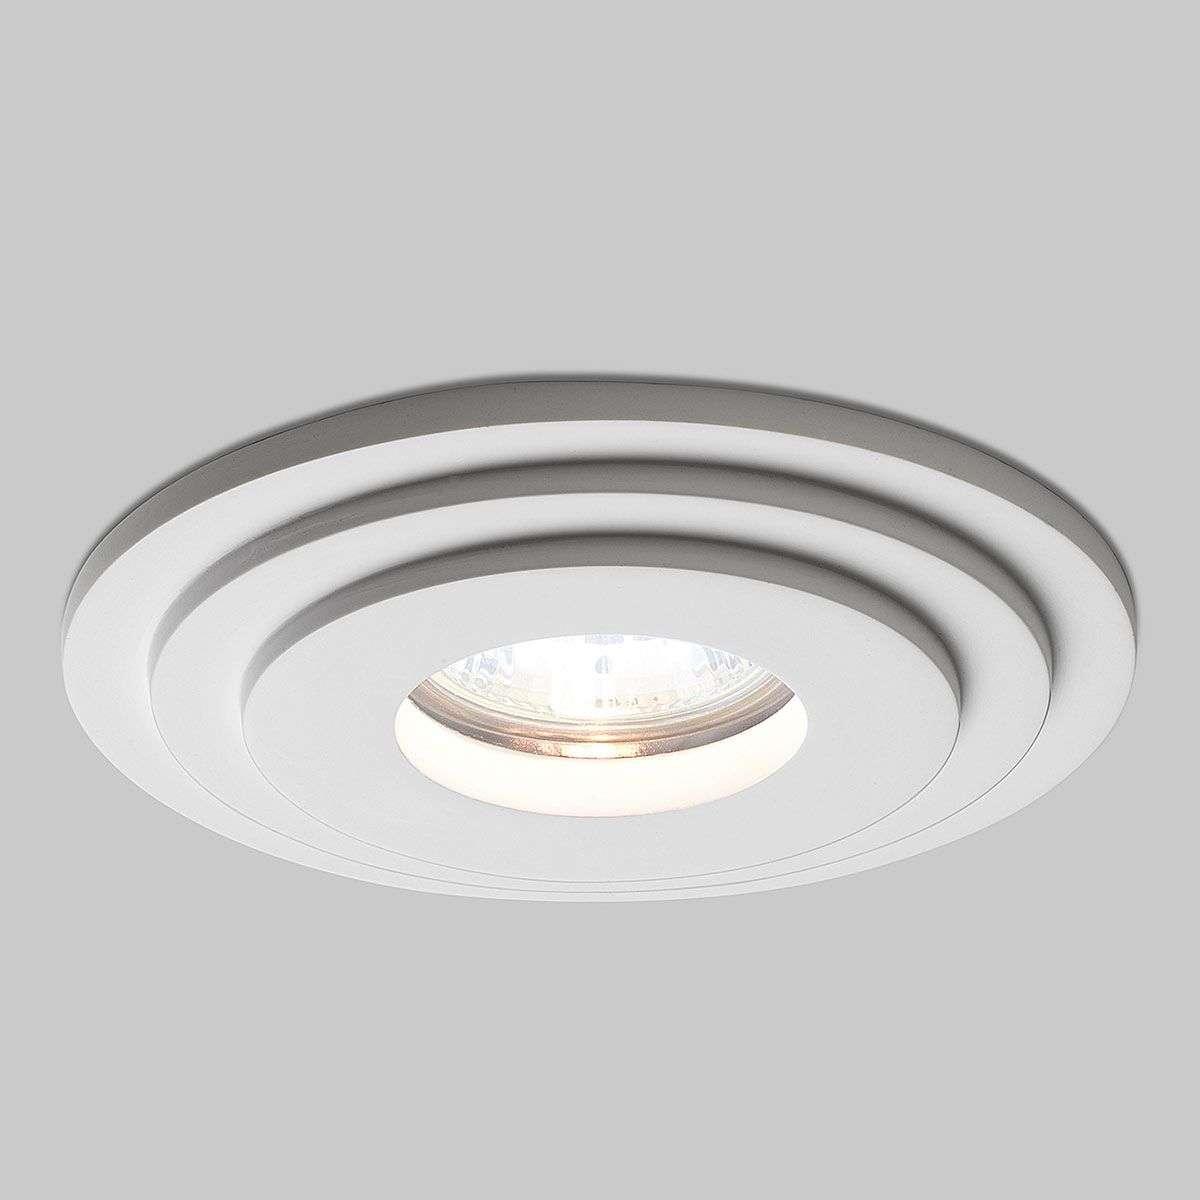 Elegantti kattouppovalaisin BREMBO, pyöreä-1020095-32